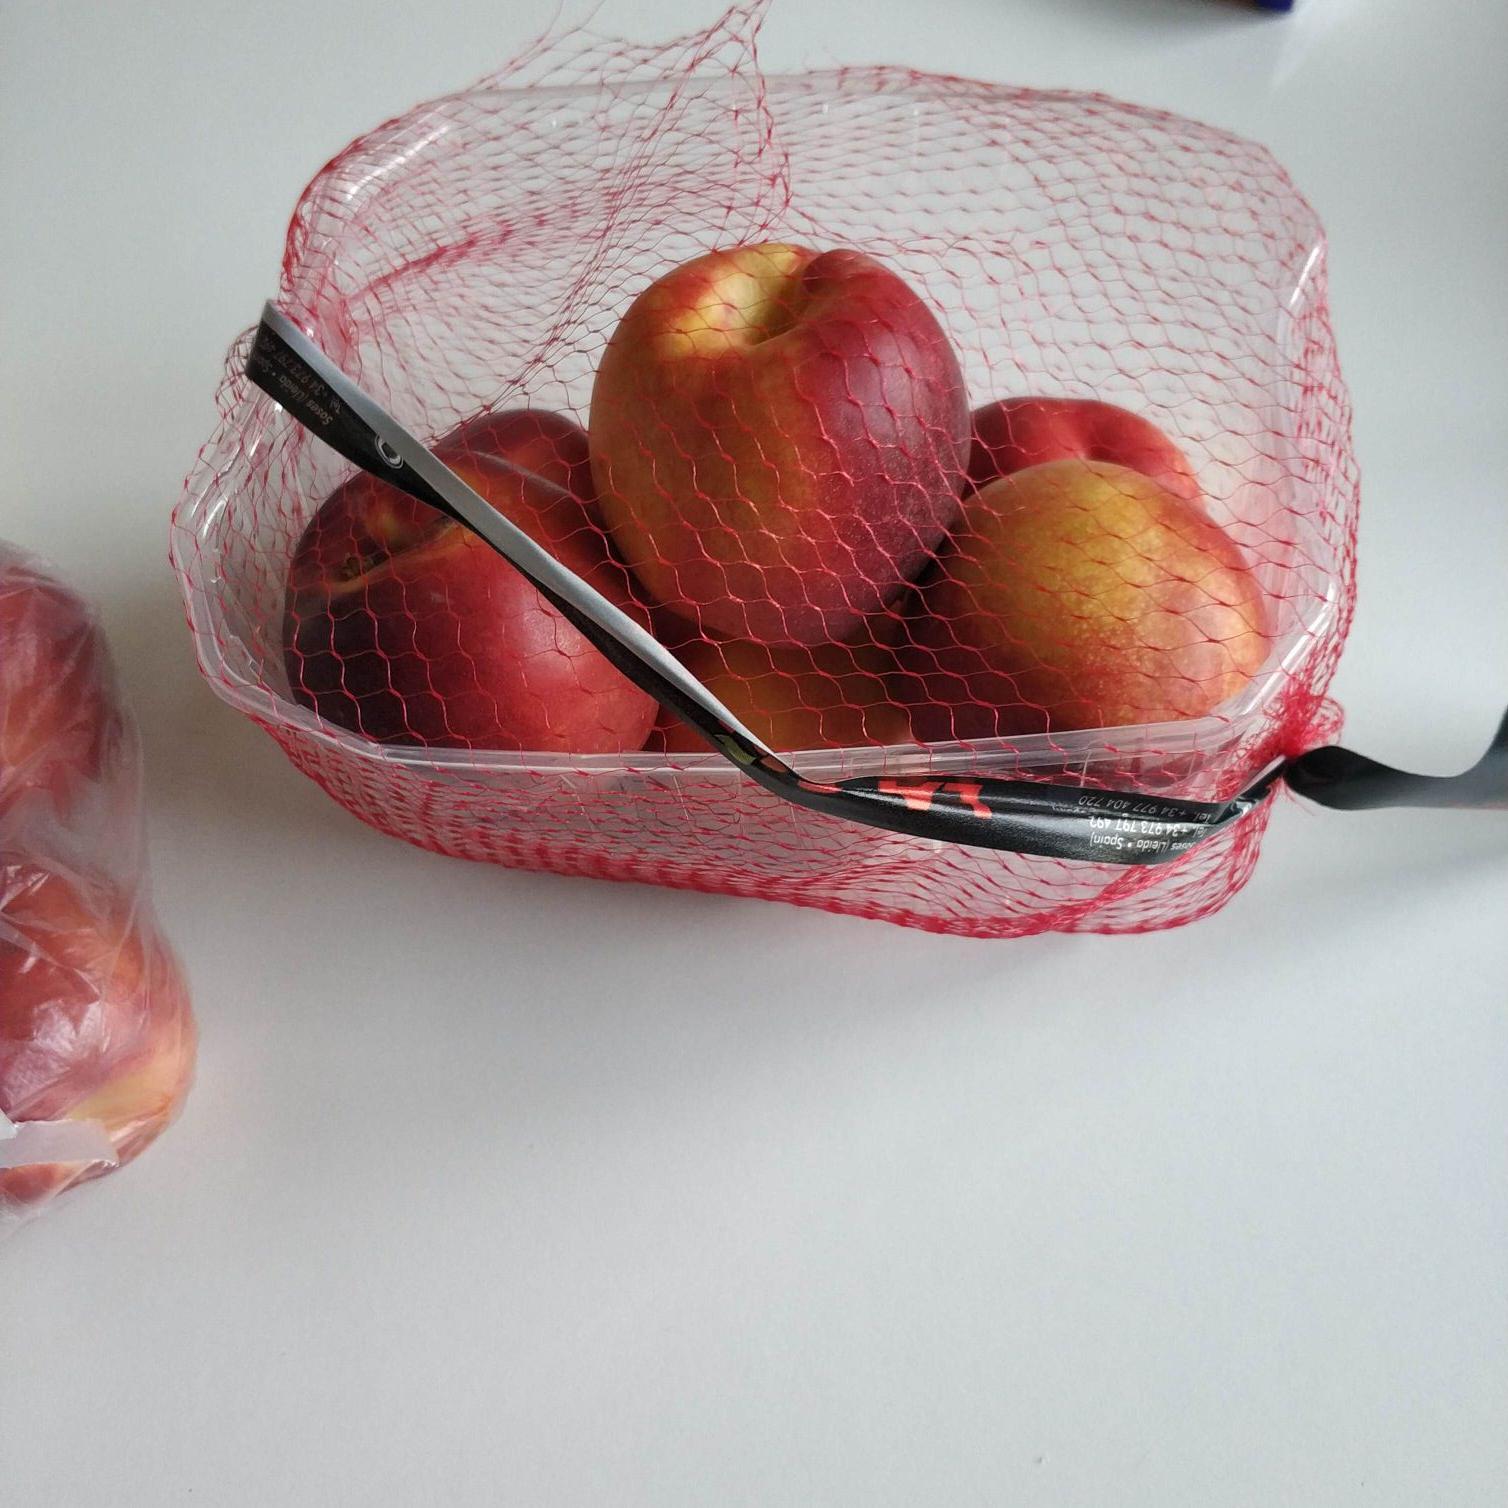 Auchan nektarynki 2.99 koszyk 1kg